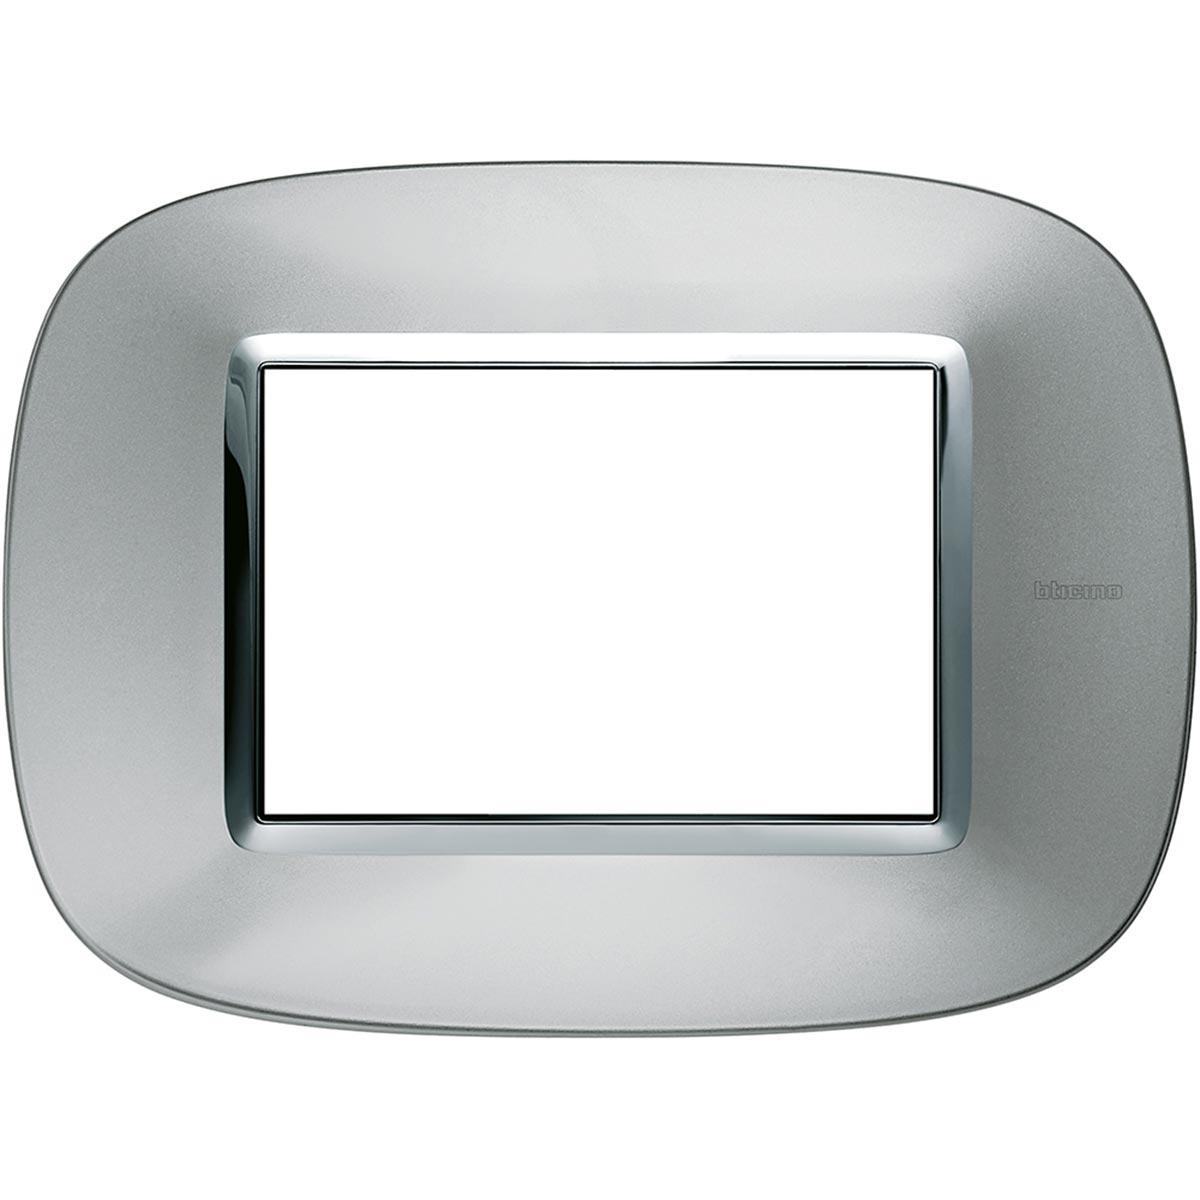 Placca Ovale 3 Posti Bticino Axolute Alluminio HB4803XC